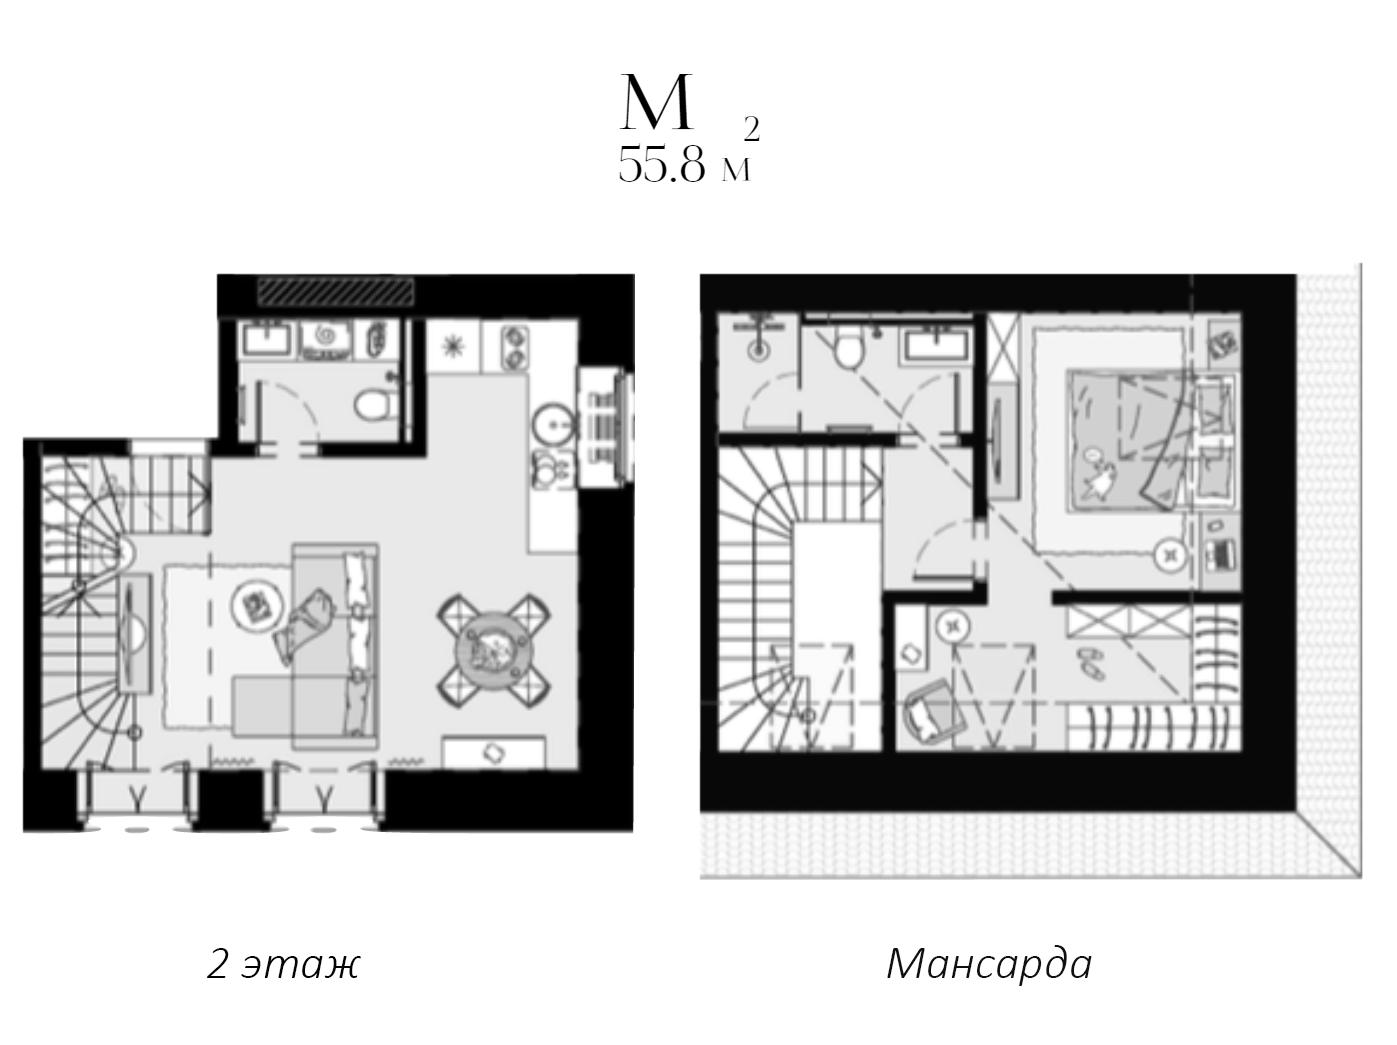 Своб. план., 55.8 м²